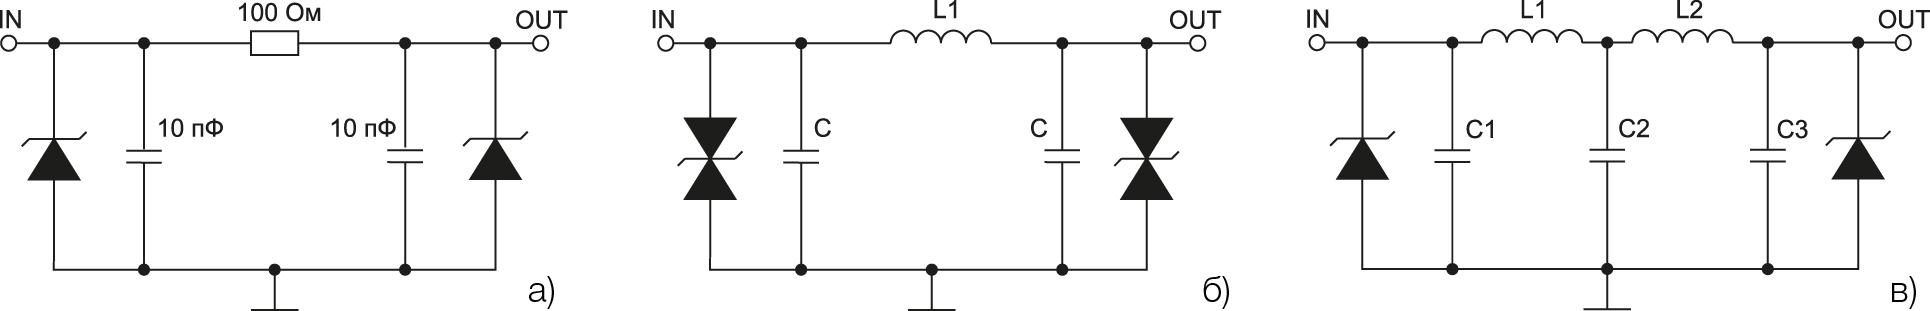 Внутренняя структура защитных устройств серии EMIClamp